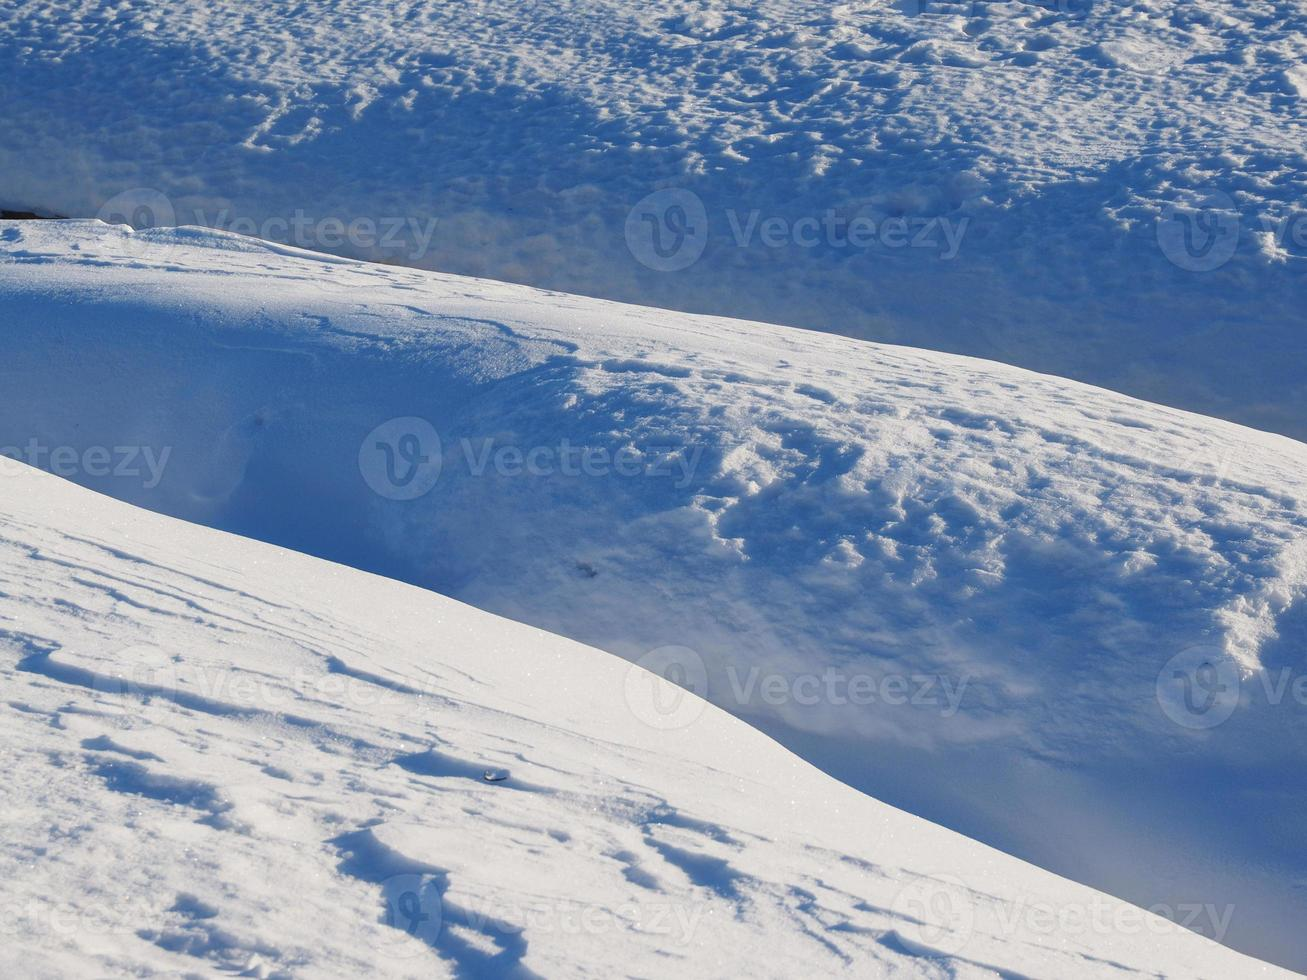 neige. Contexte photo